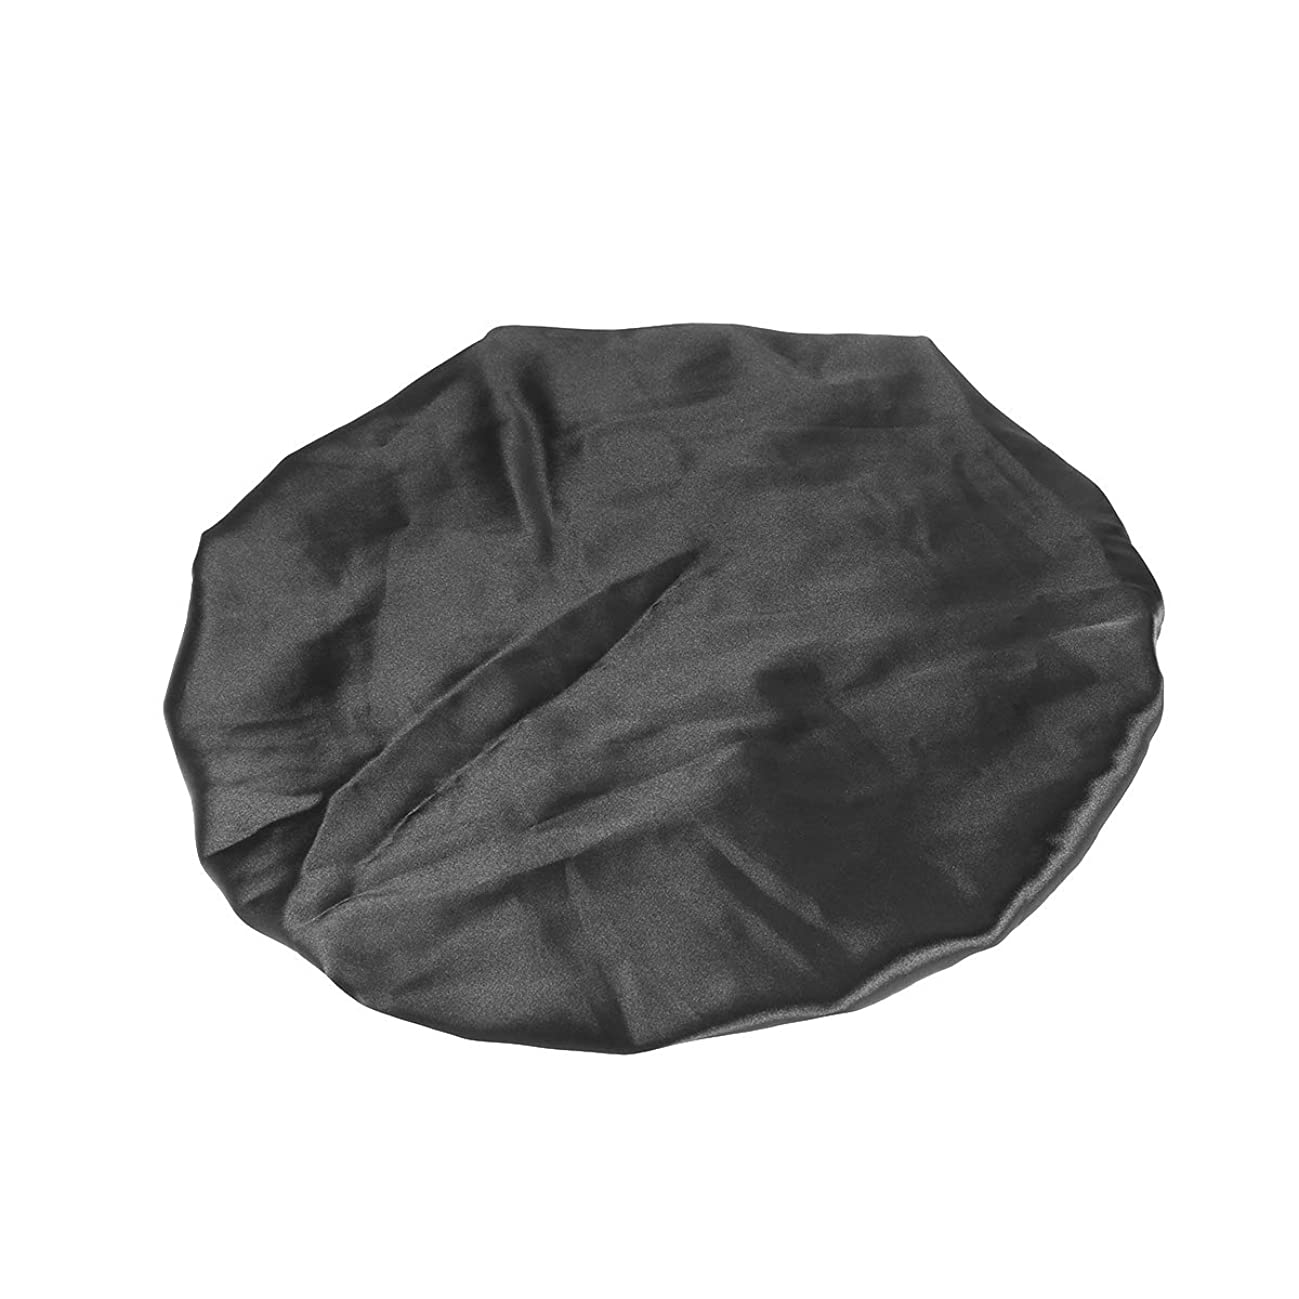 失業者氷交じるHealifty シルクスリープボンネットキャップ二層大巾着スリープハット(ブラック)